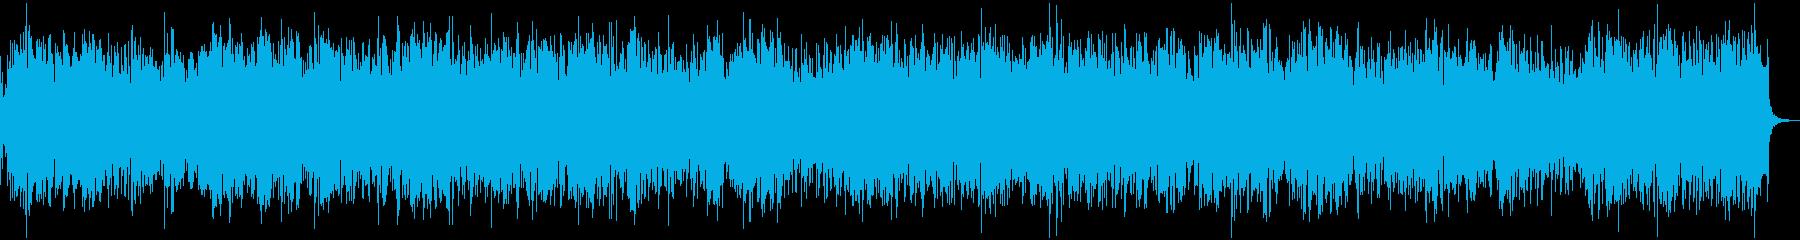 疾走感がありお洒落なアイリッシュフィドルの再生済みの波形